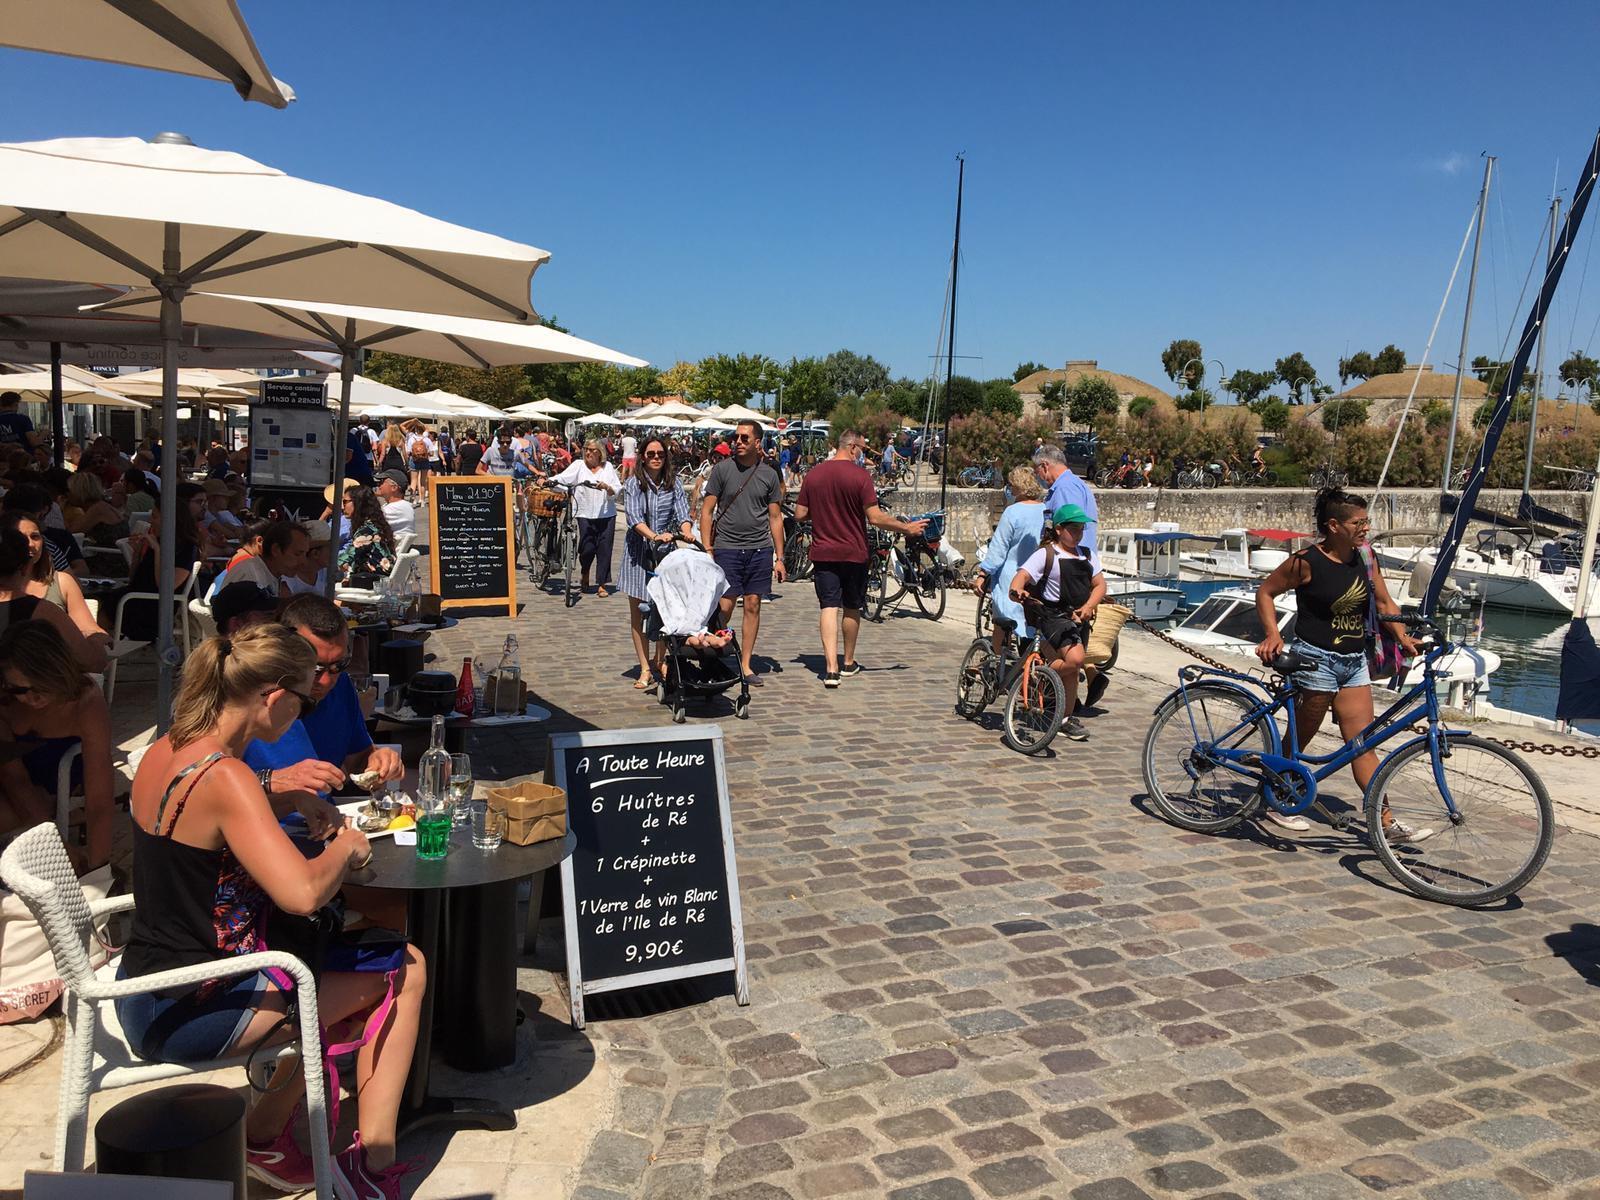 Le port de Saint-Martin-de-Ré: malgré la pandémie de coronavirus, les touristes ont répondu présents sur l'île de Ré cet été (juillet 2020).